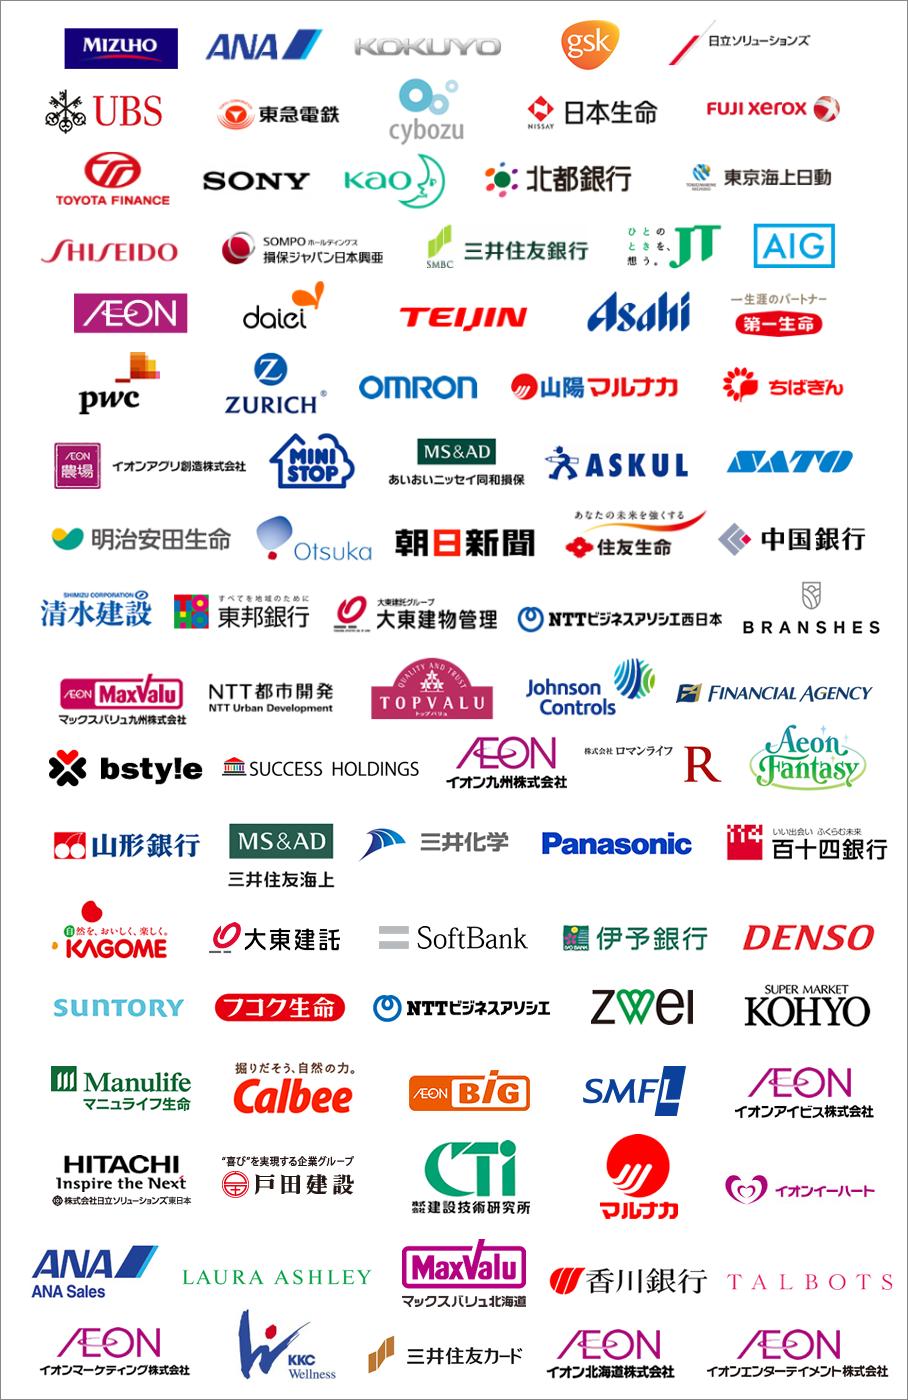 【企業同盟】イオンエンターテイメント (株) が「イクボス企業同盟」に加盟!